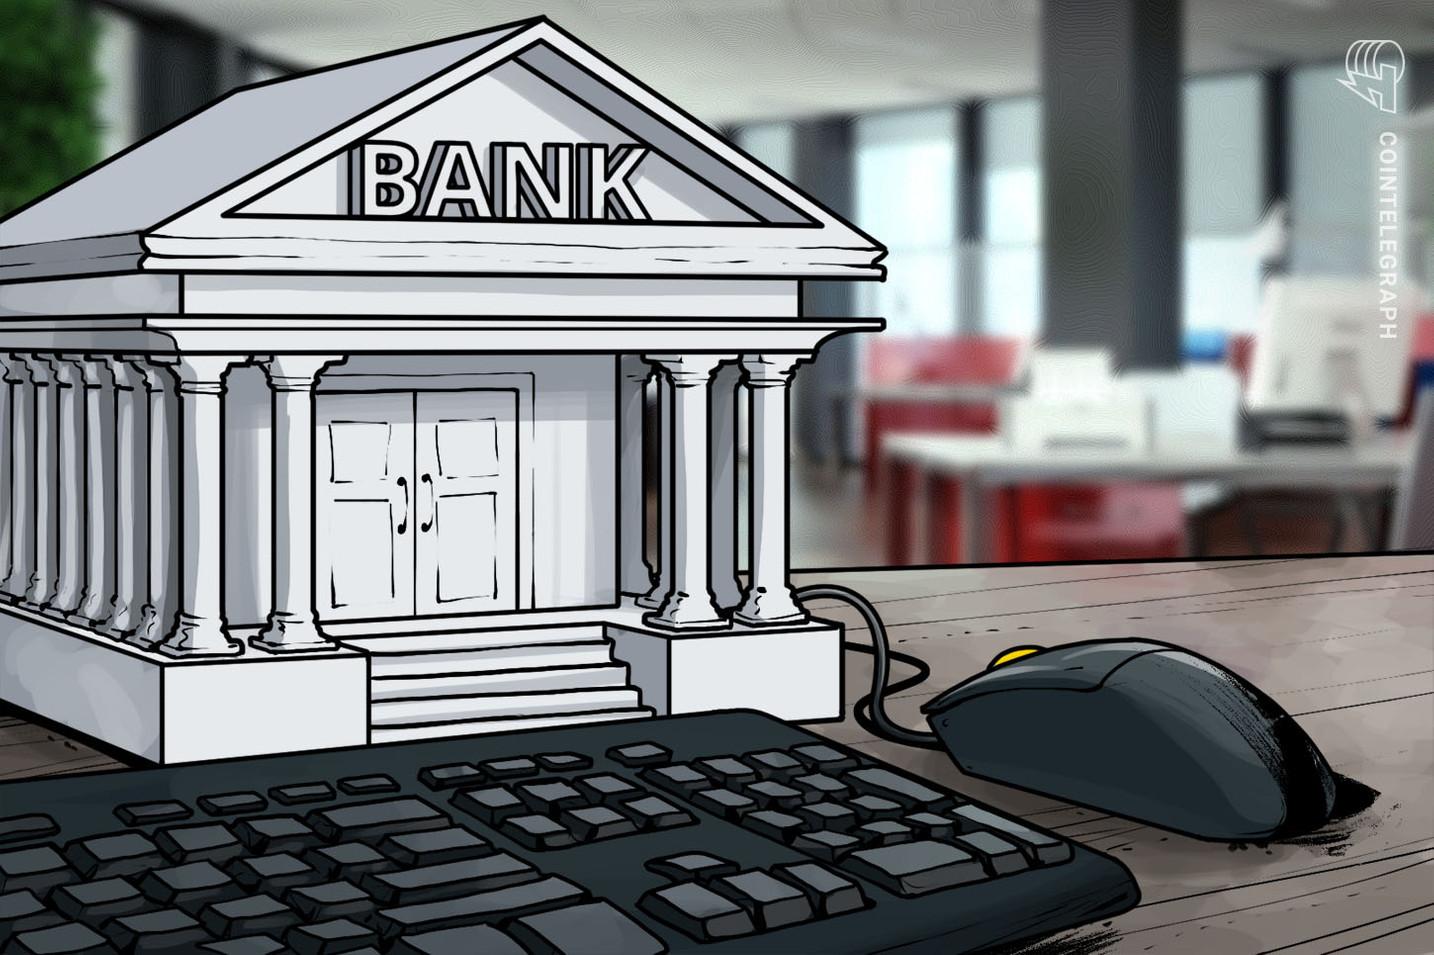 Bank Frick: Neue Fintech-Tochter lockt institutionelle Anleger mit Krypto-Handelsplattform